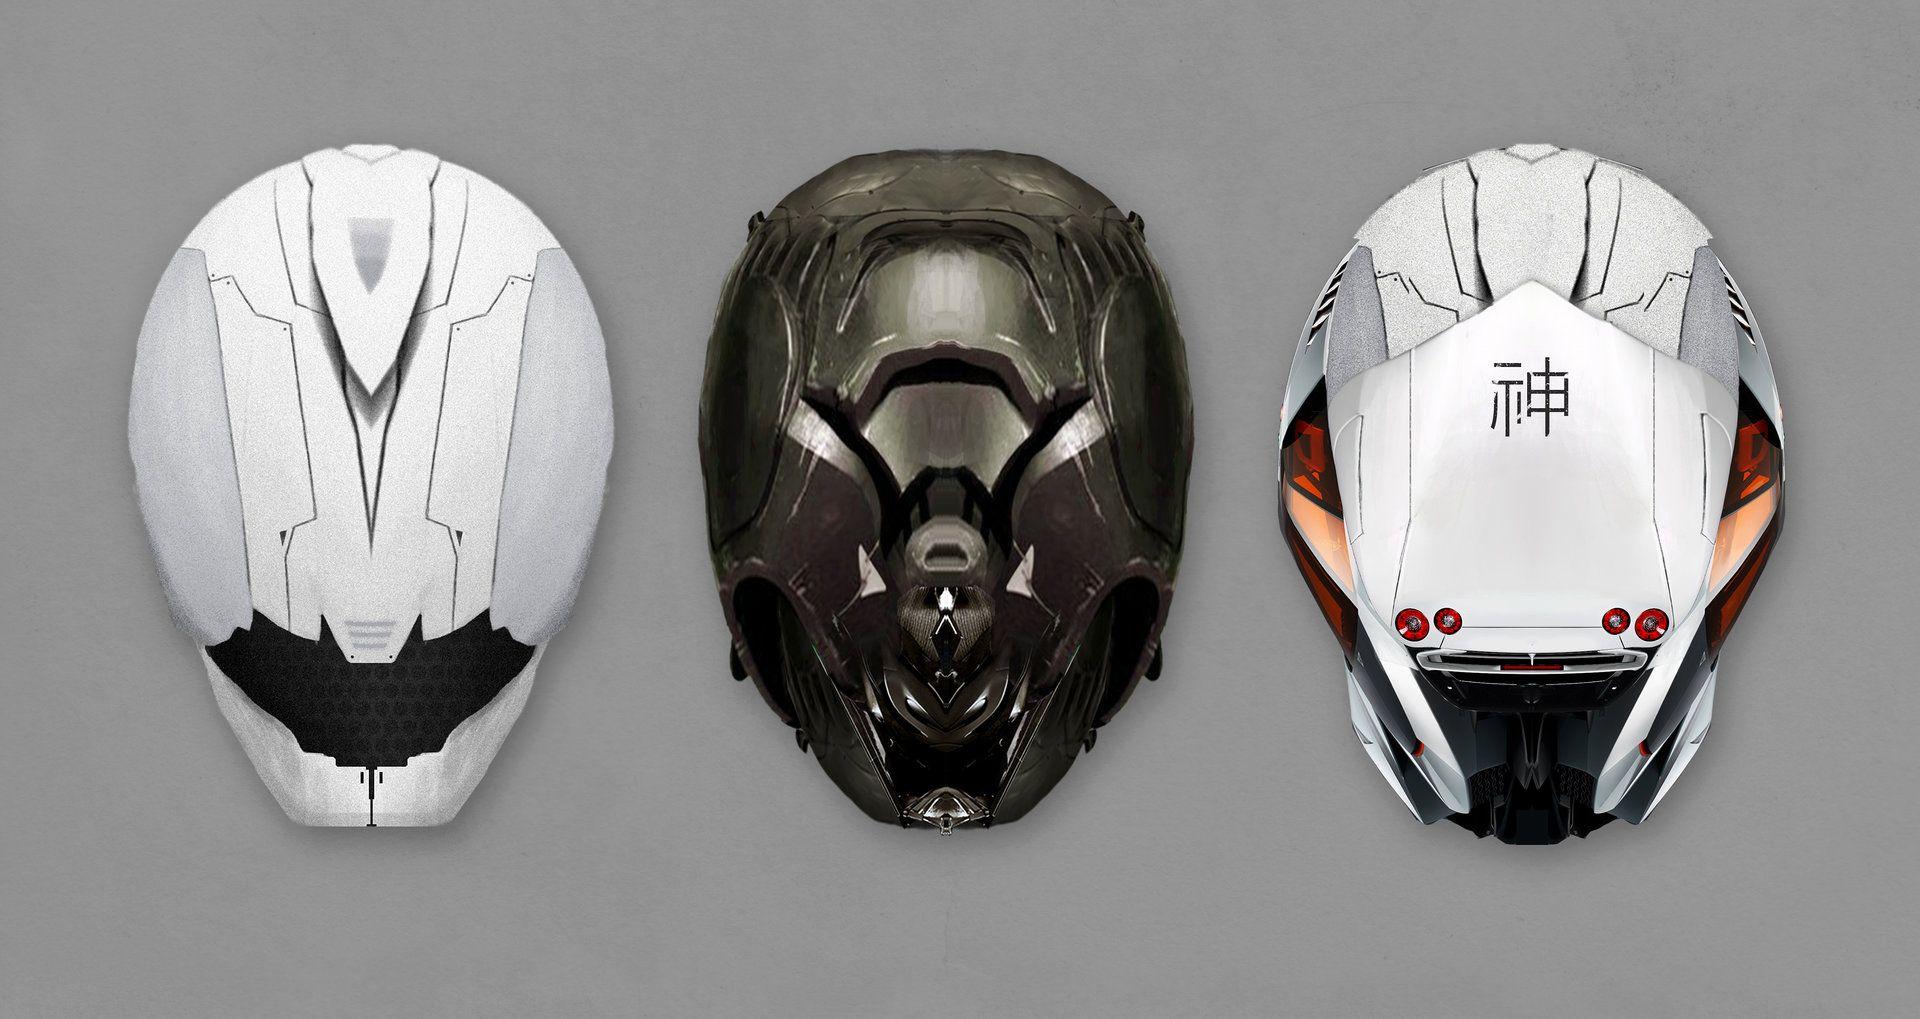 https://cdnb1.artstation.com/p/assets/images/images/000/567/185/large/mark-chang-0322-helmet.jpg?1427008795